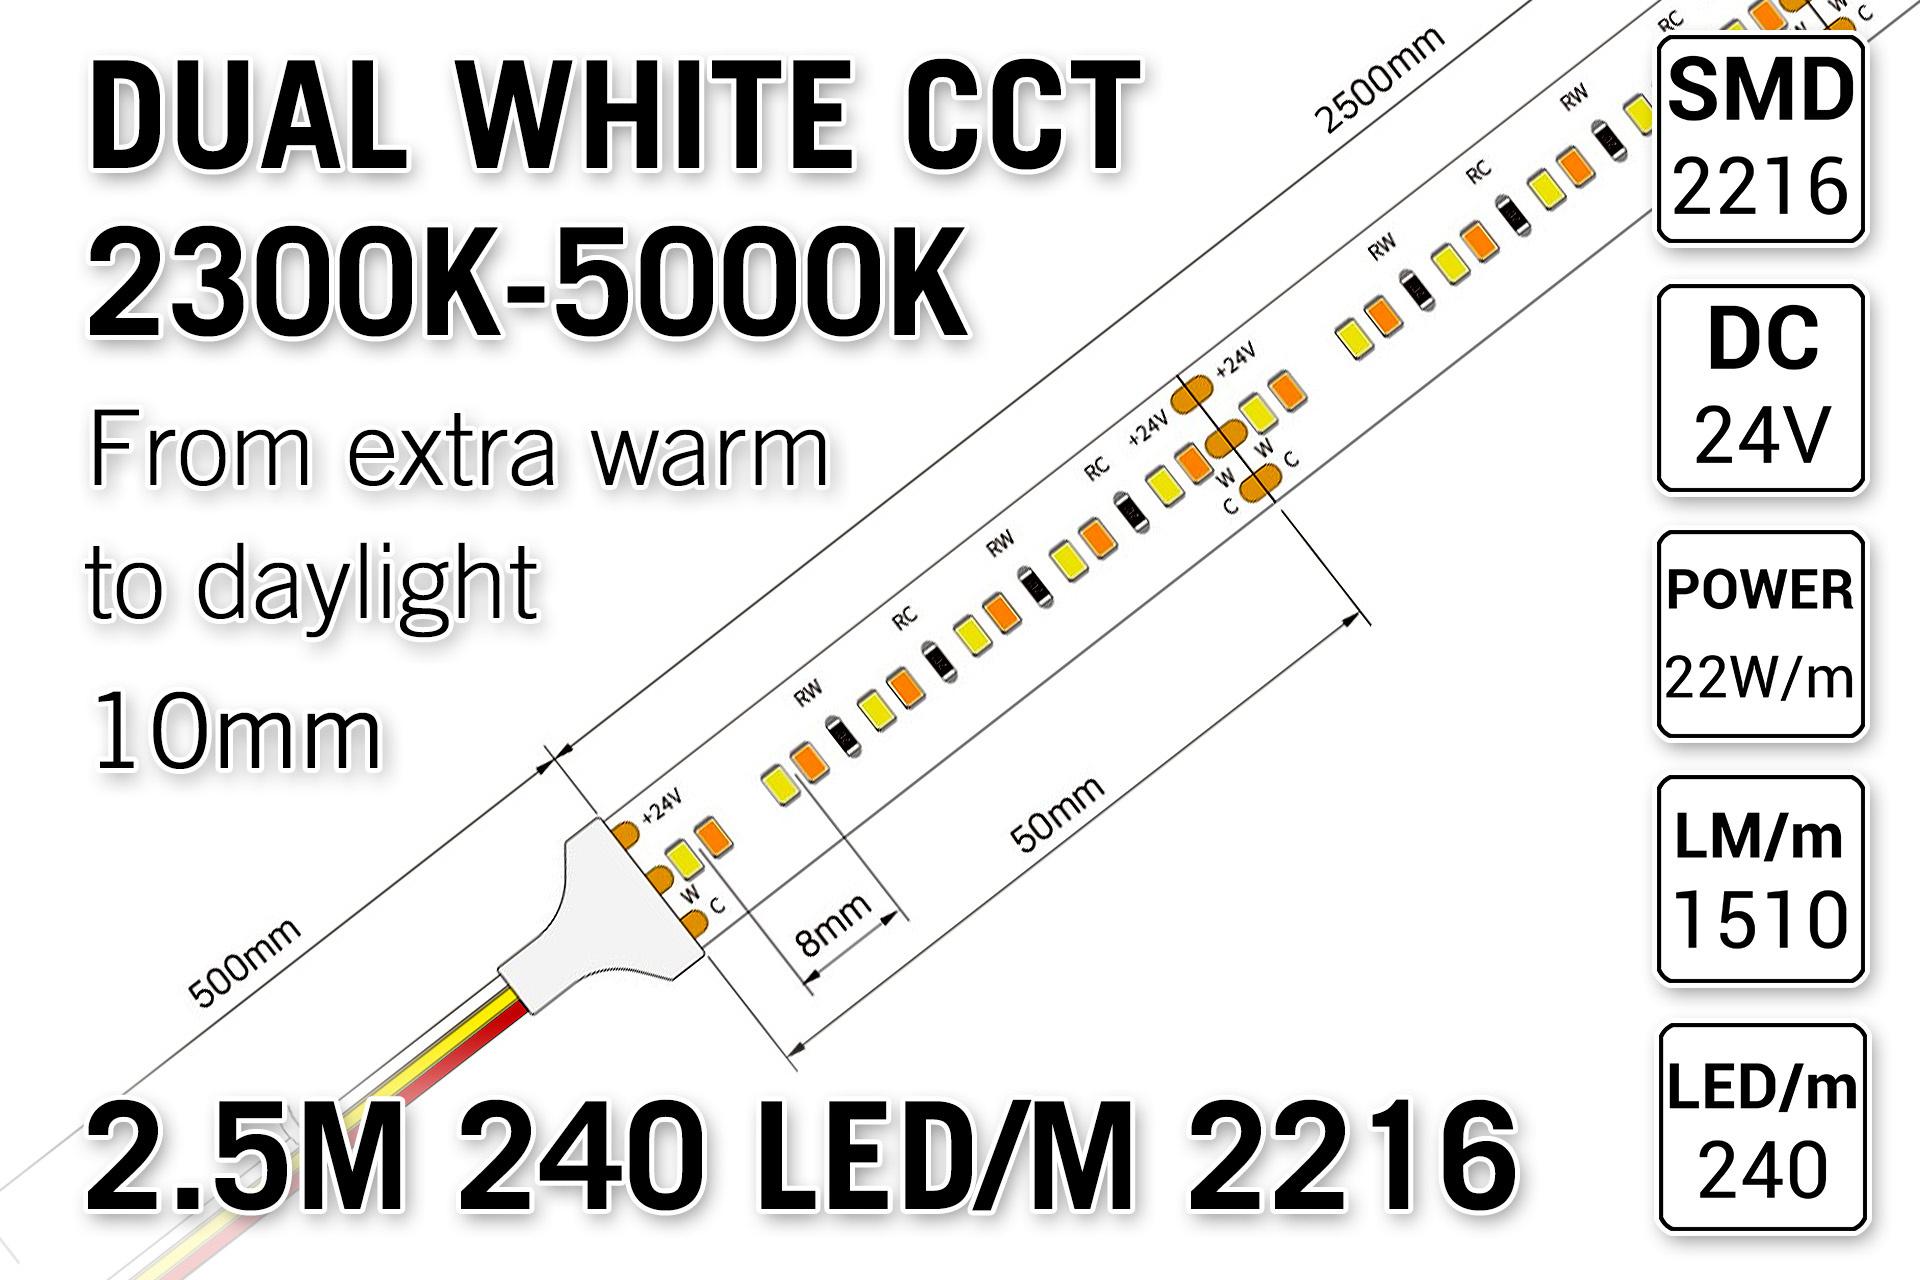 PRO LINE Dual Wit 2300K~5000K CCT Led Strip | 2,5m 240 Leds pm Type 2216 24V - Losse Strip